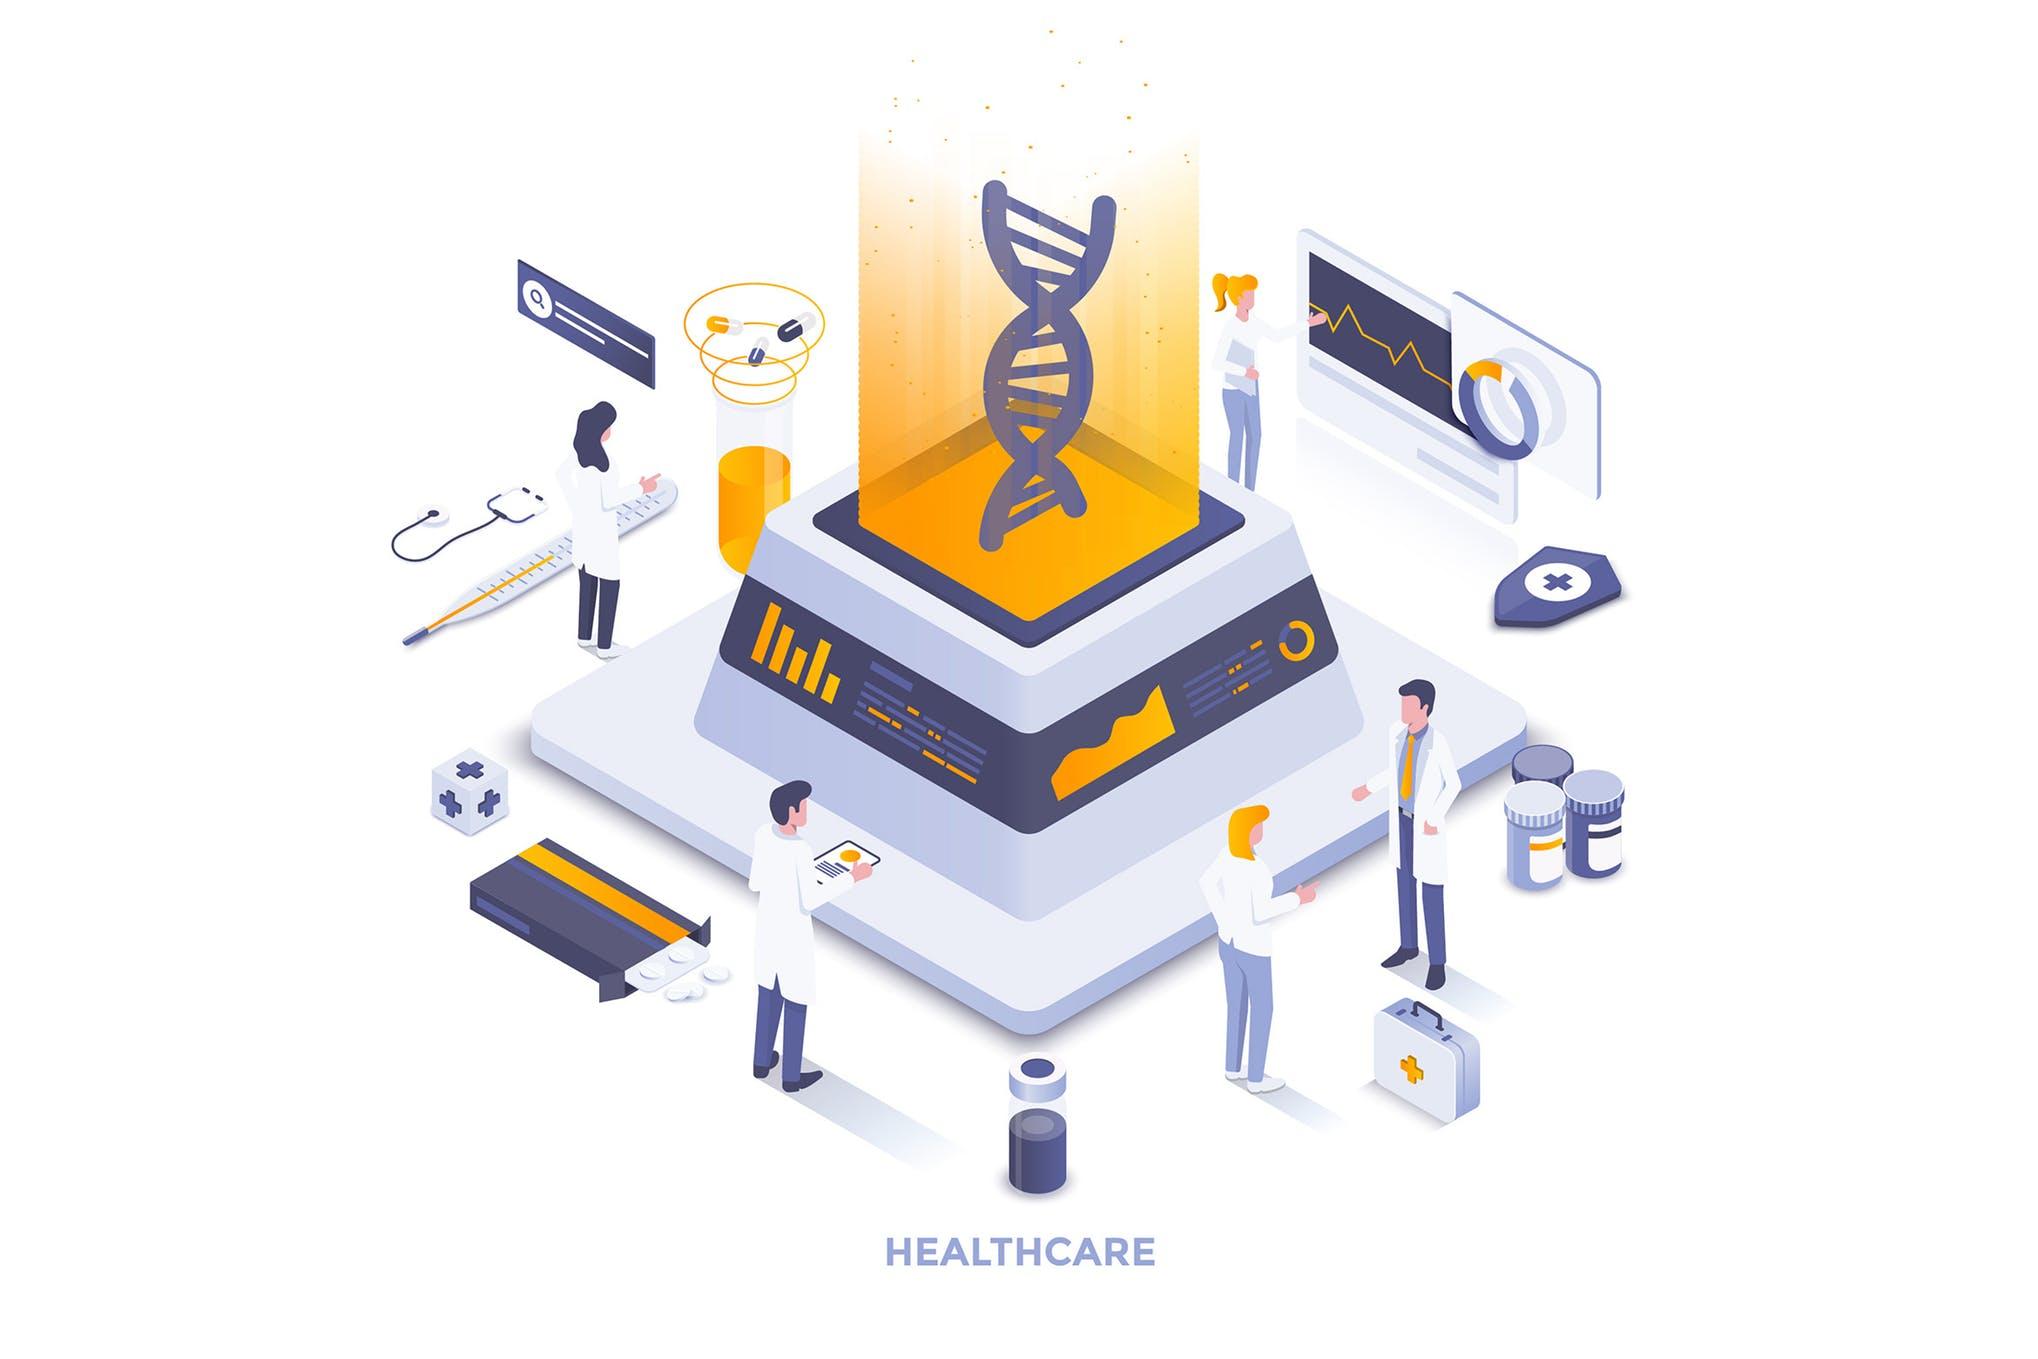 医疗保健场景插画素材2.5D插画下载Healthcare Concept